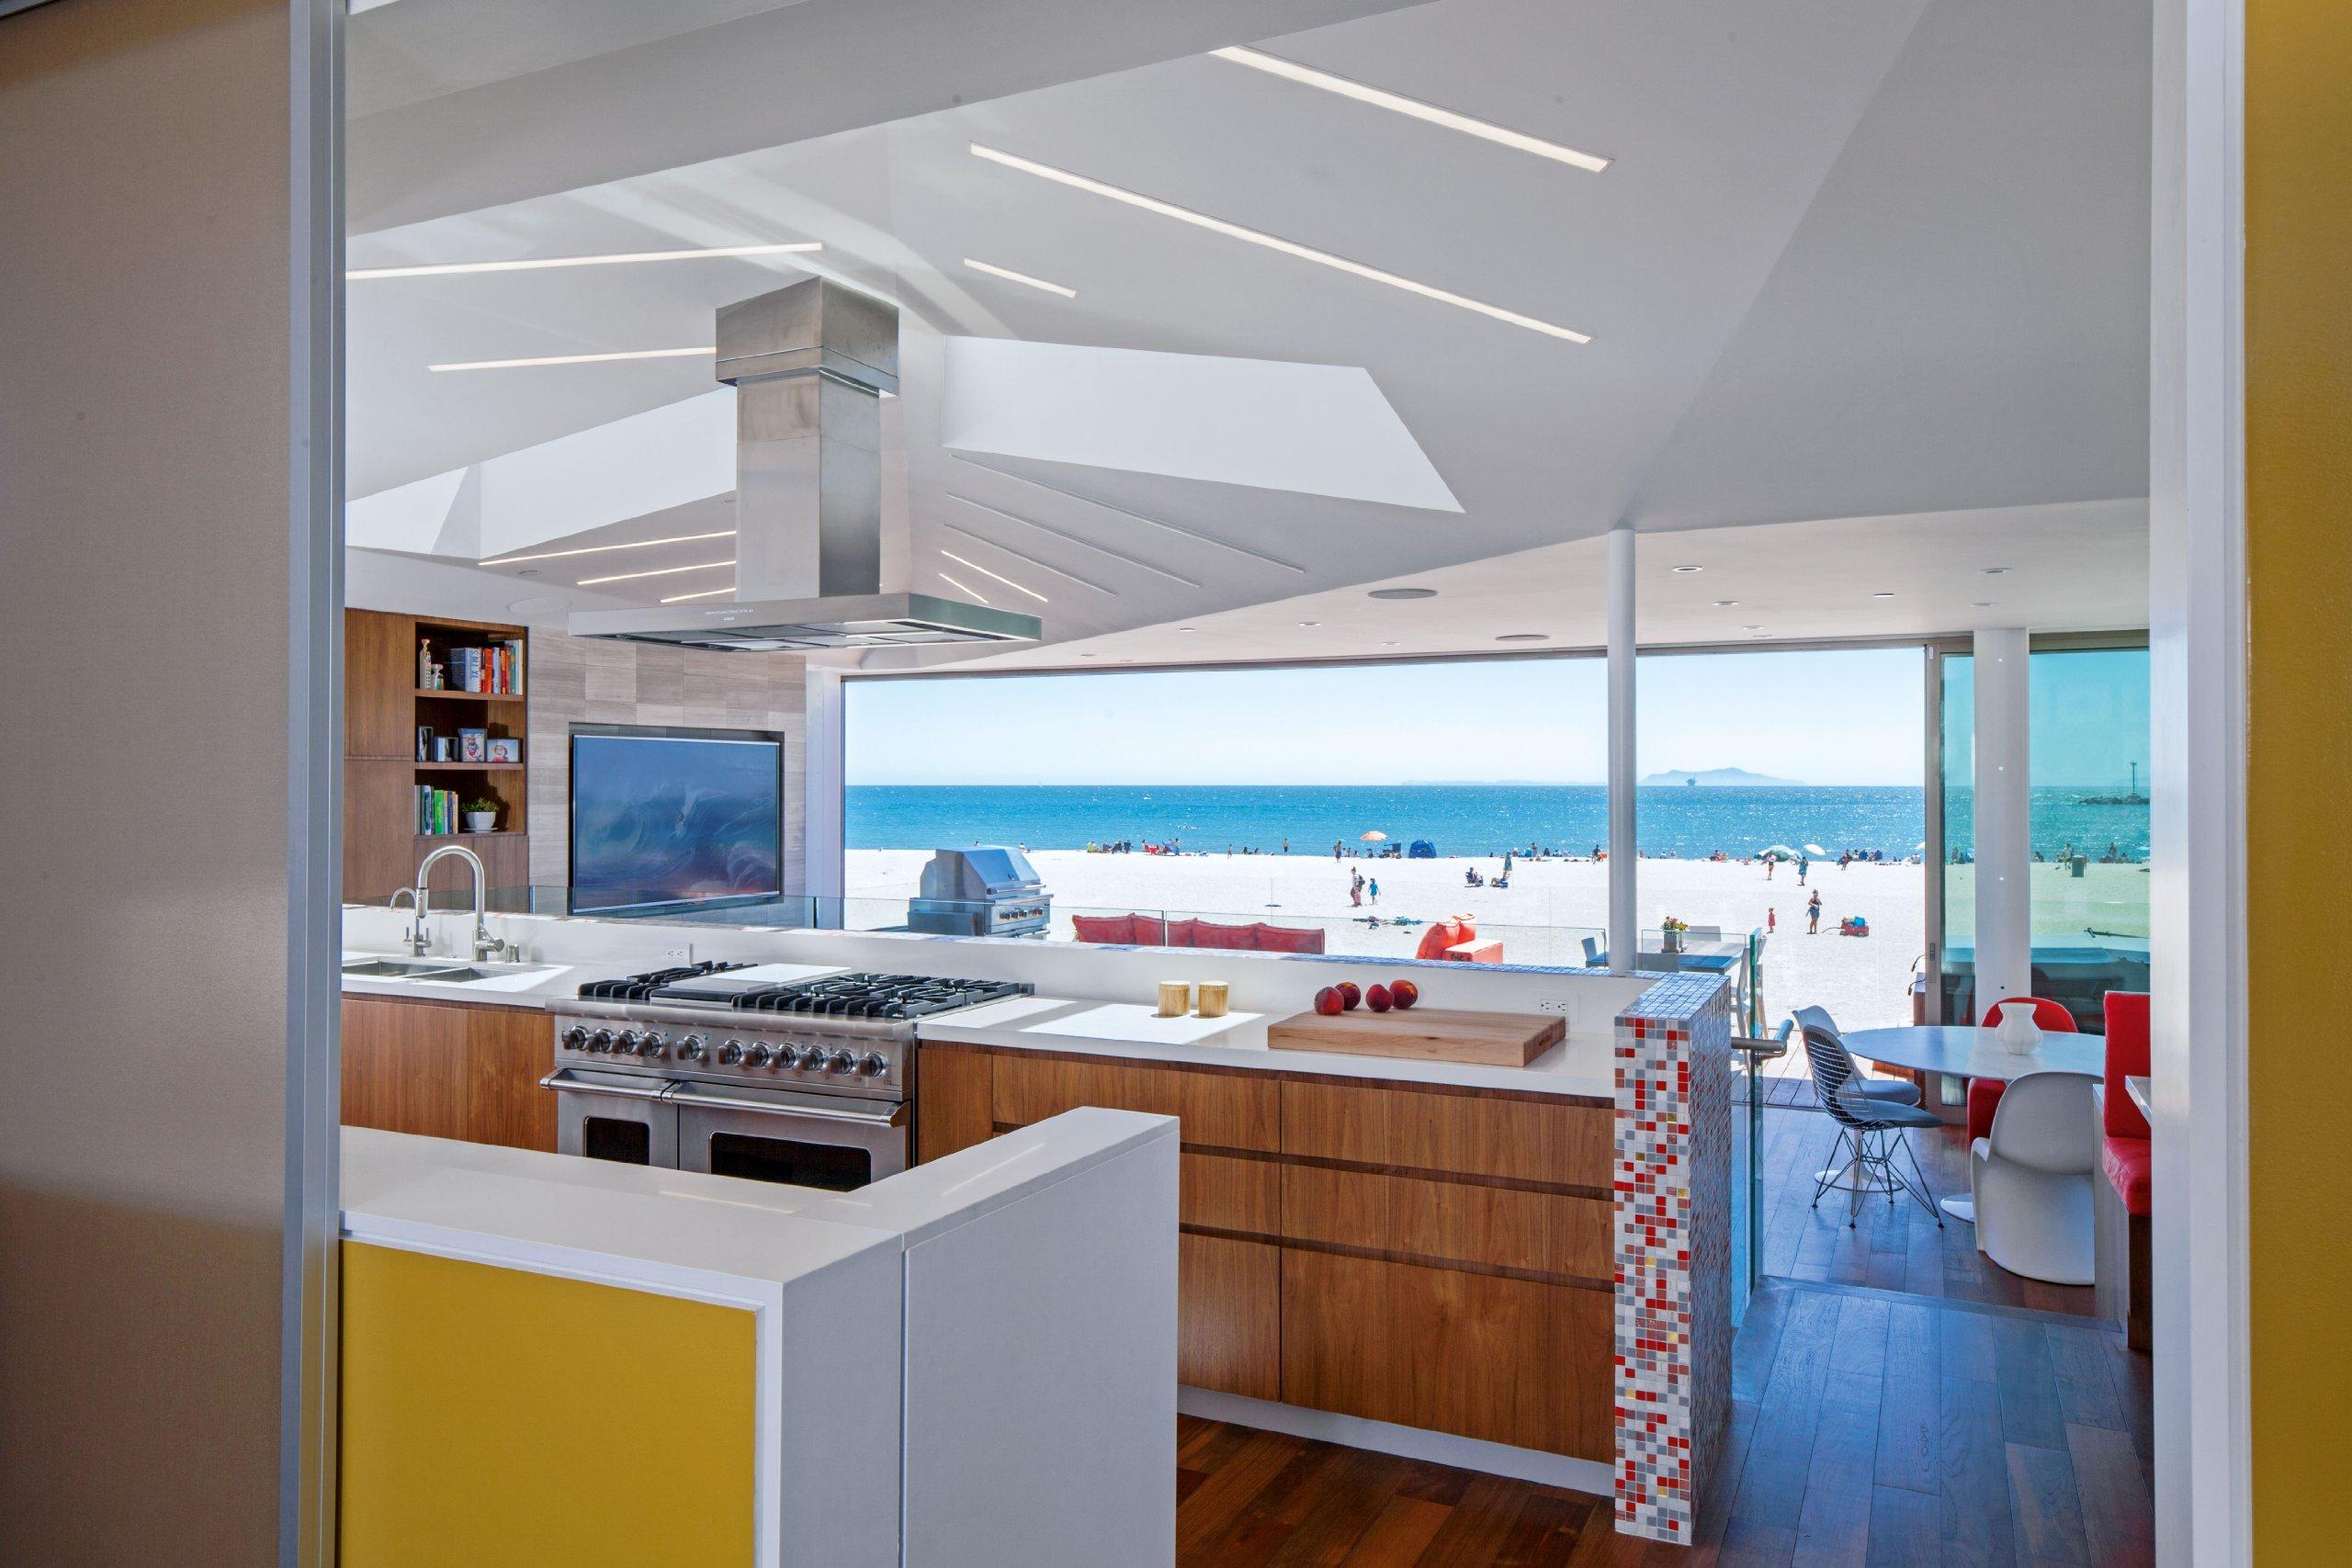 Meine coole Küche: gemütlich stylish individuell: Amazon.de: Jane ...